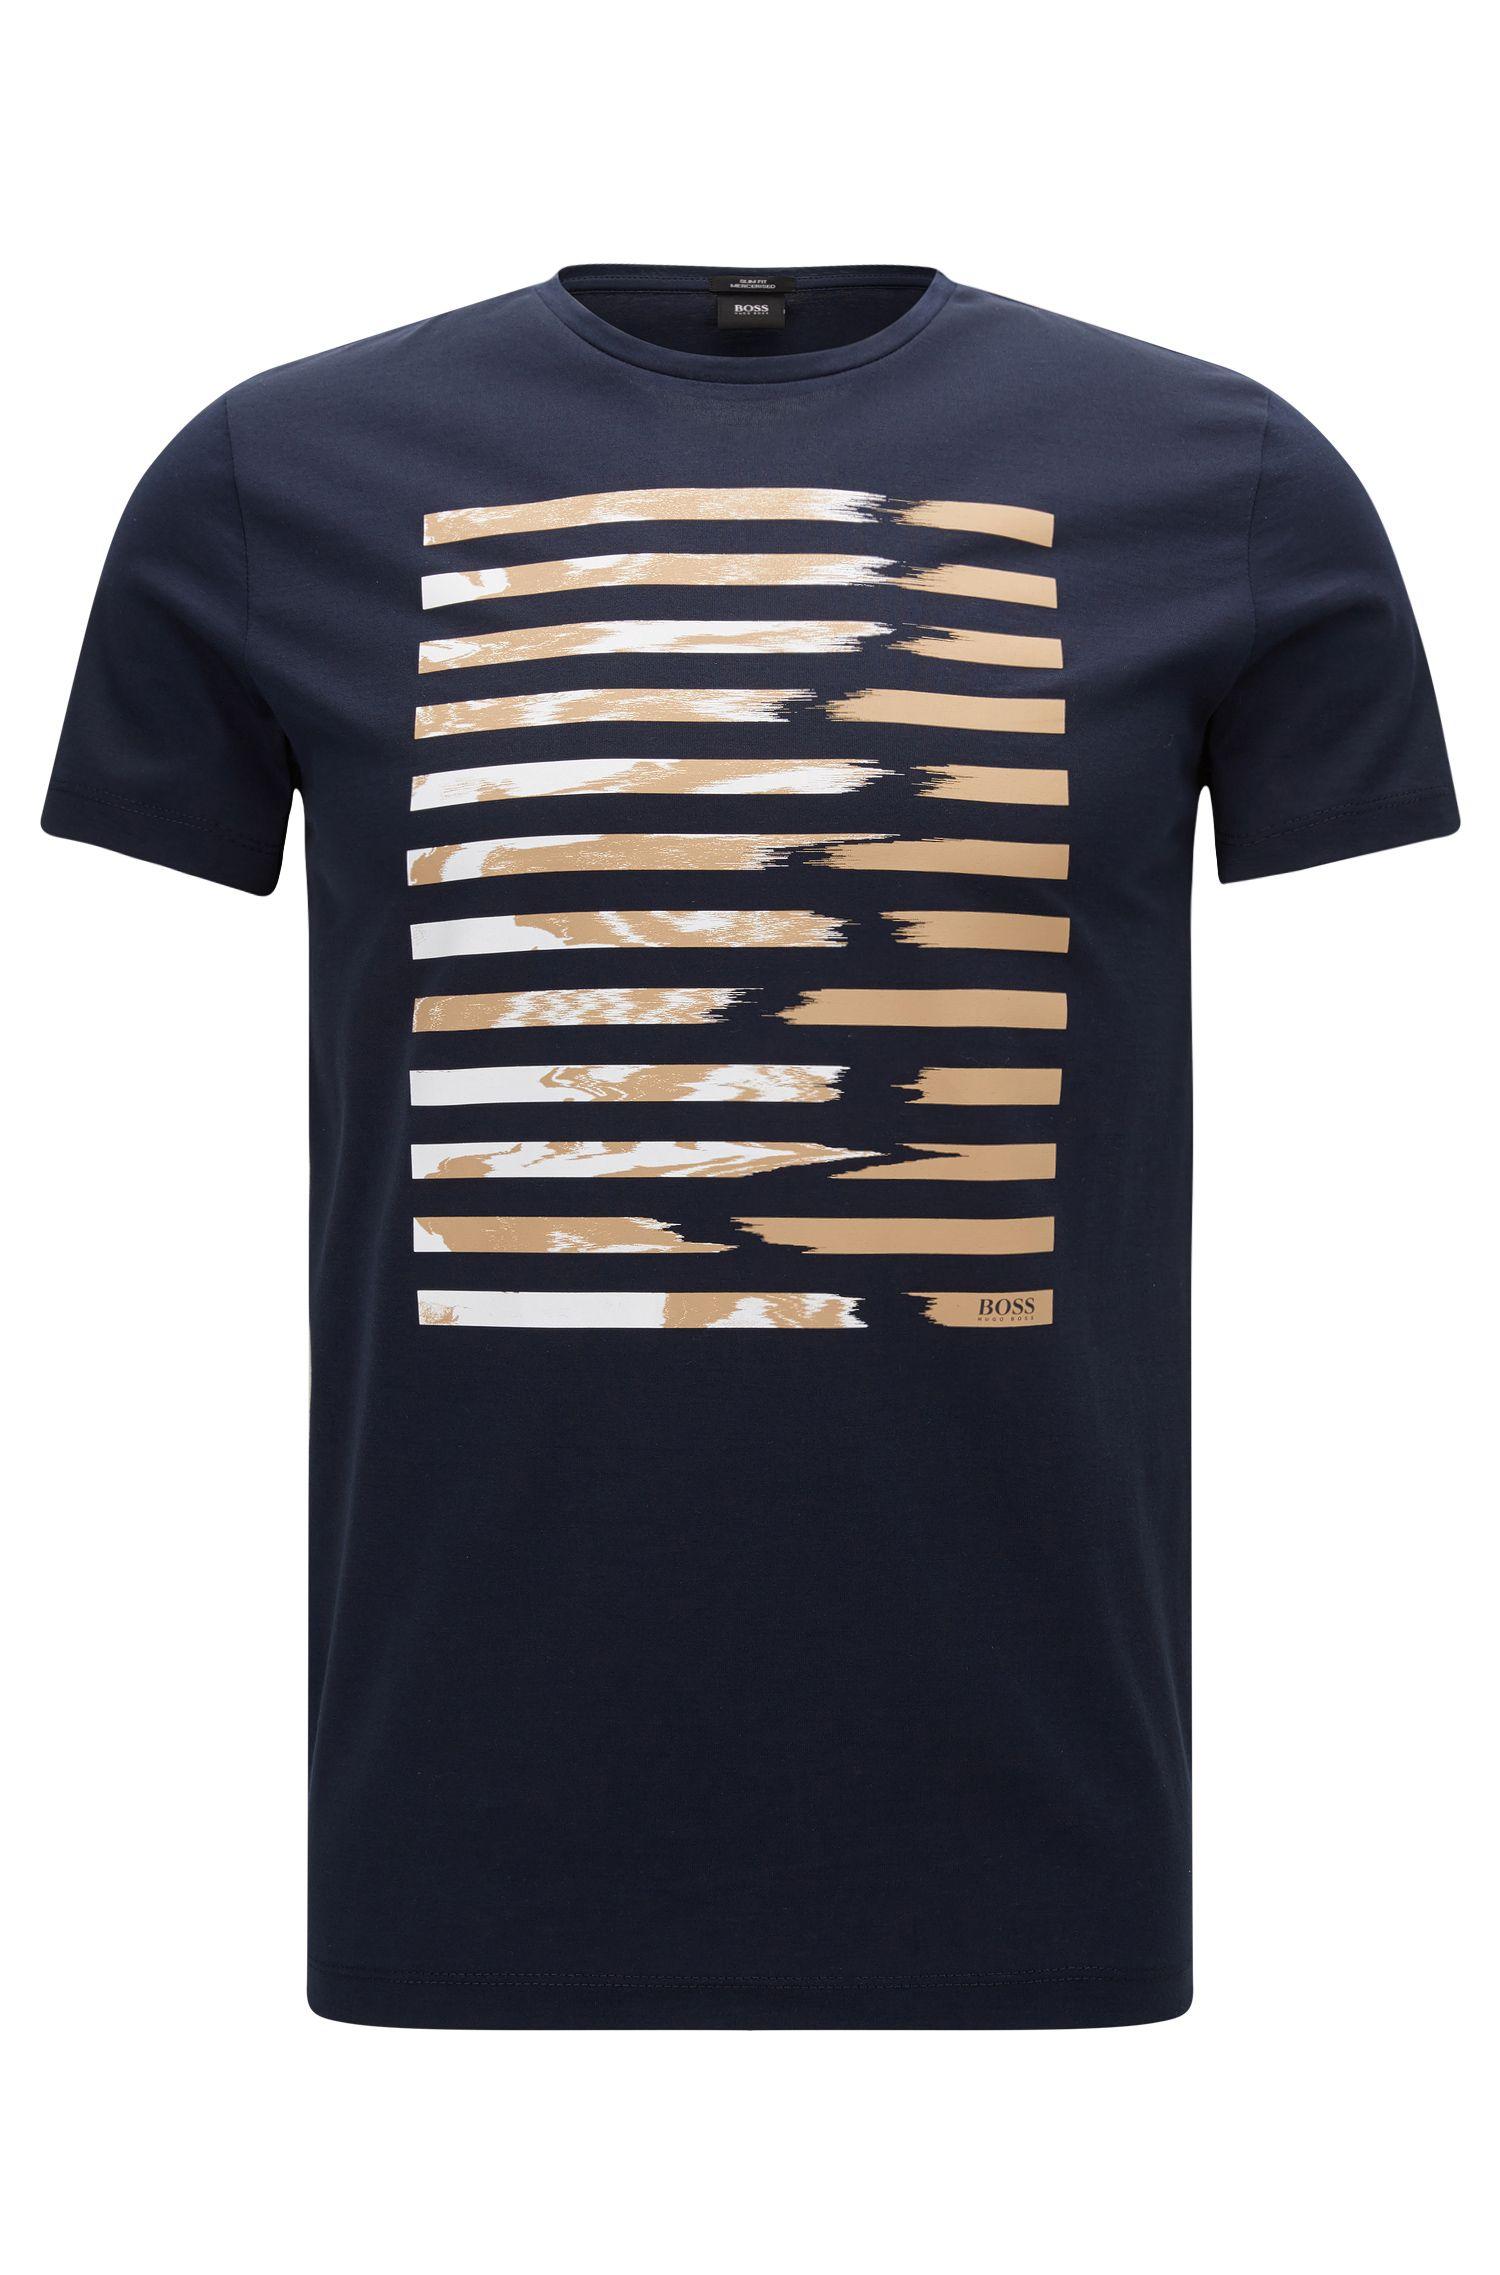 Camiseta slim fit en algodón mercerizado con estampado gráfico